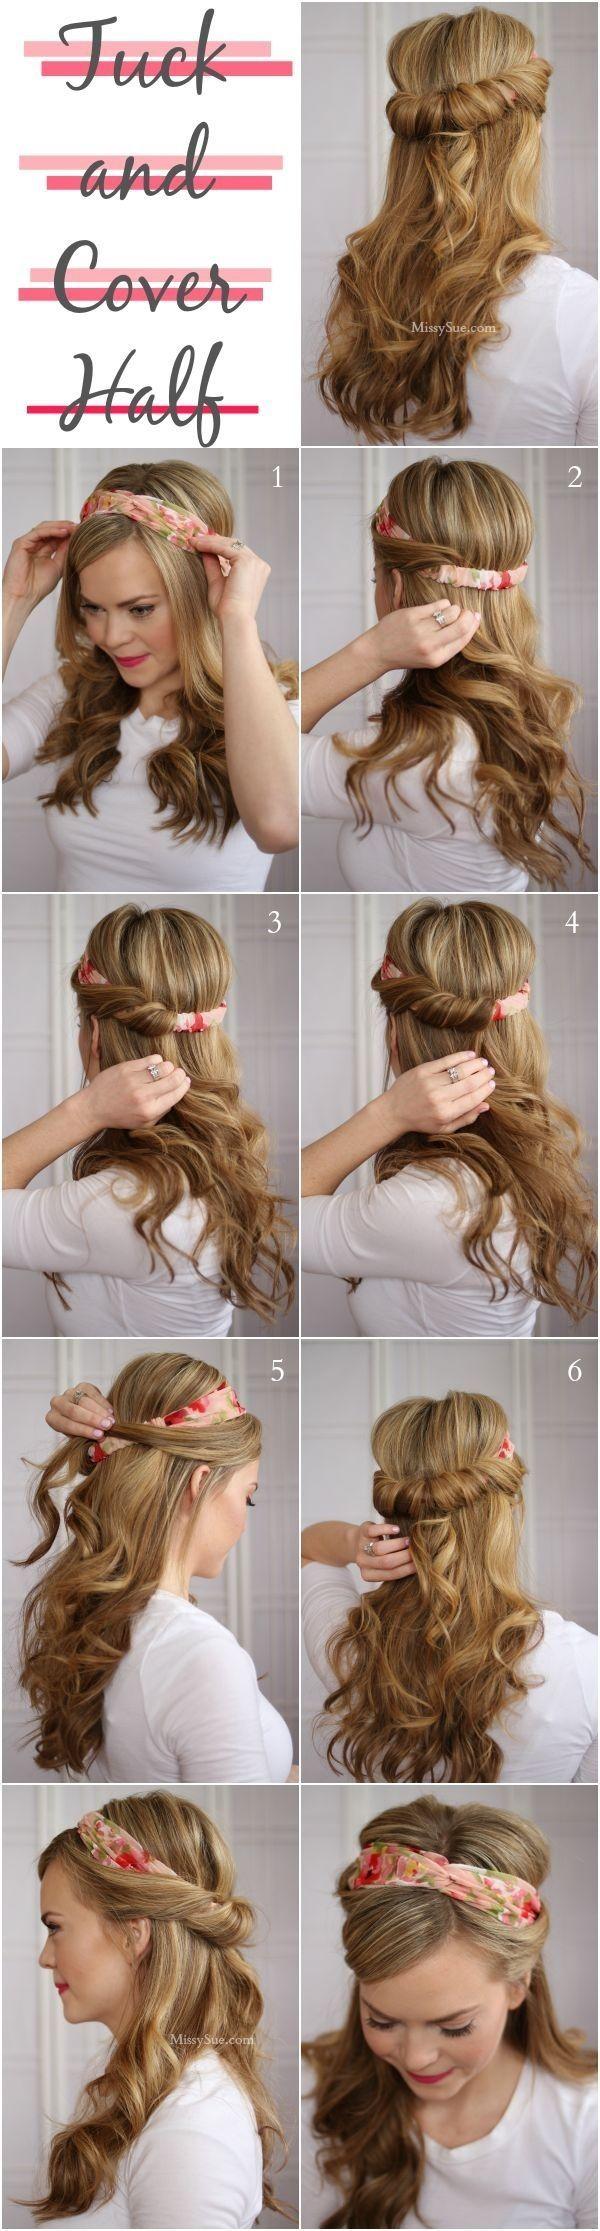 Красивые простые прически на длинные волосы своими